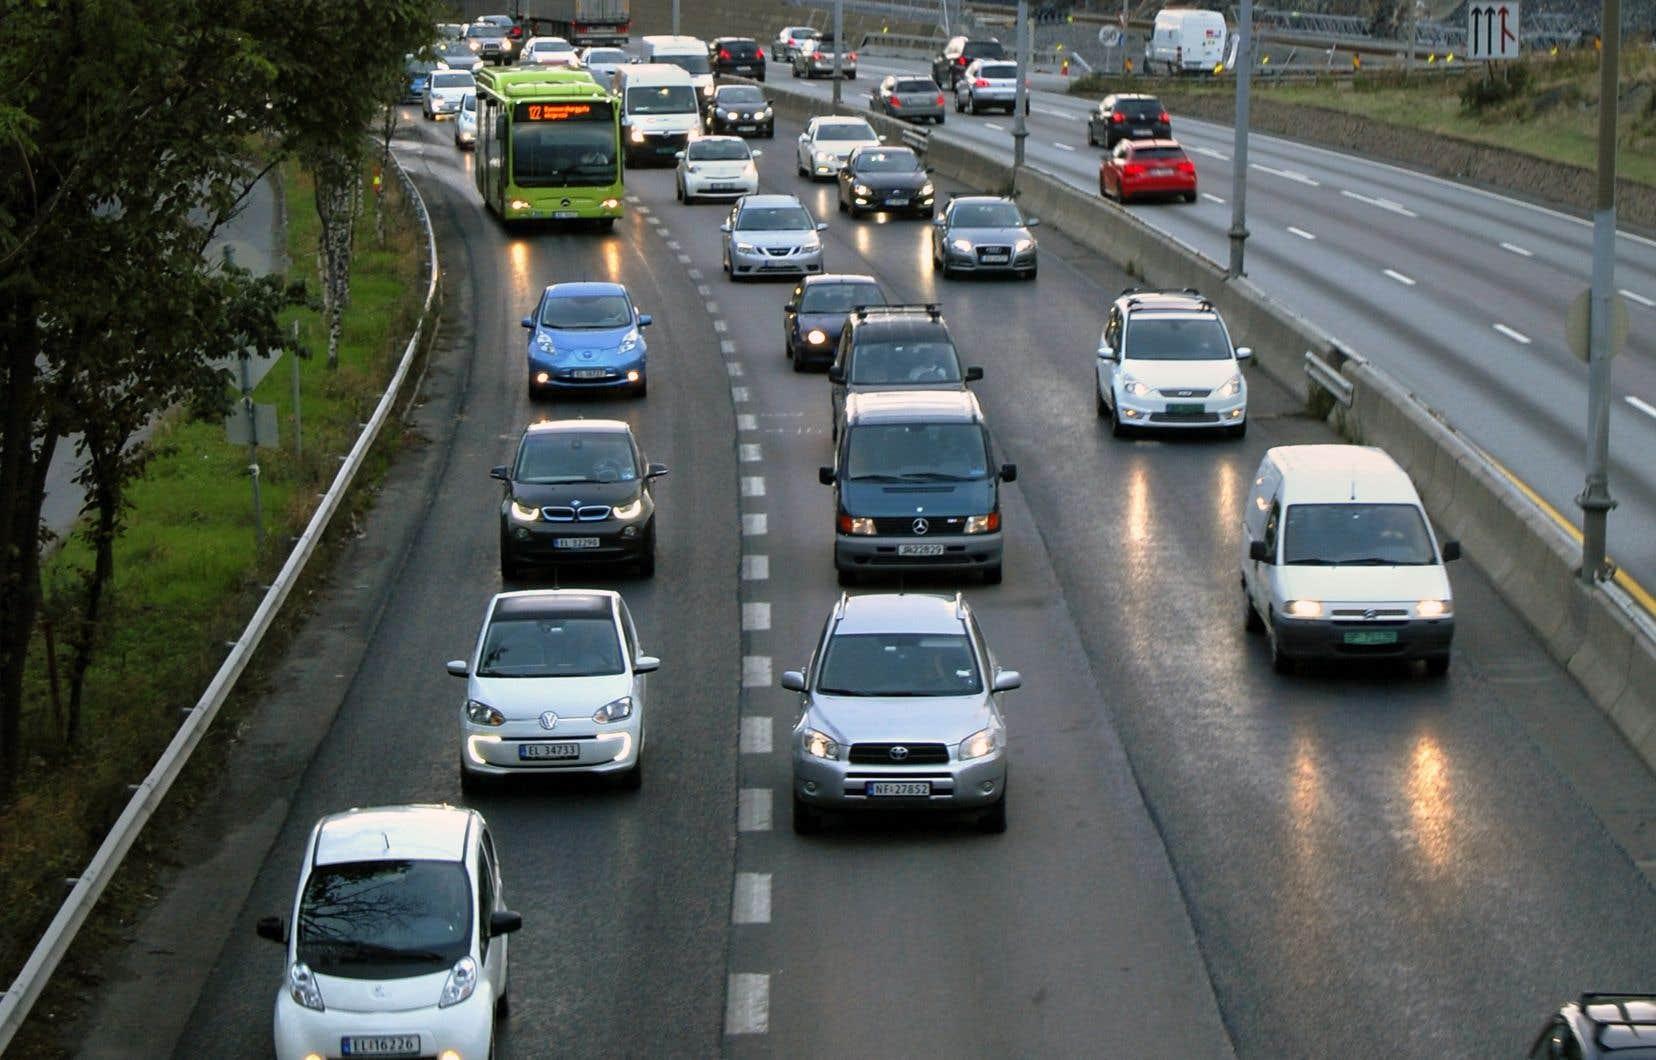 En Norvège, les voitures électriques peuvent souvent emprunter les voies réservées aux autobus, comme sur cette route en banlieue d'Oslo.